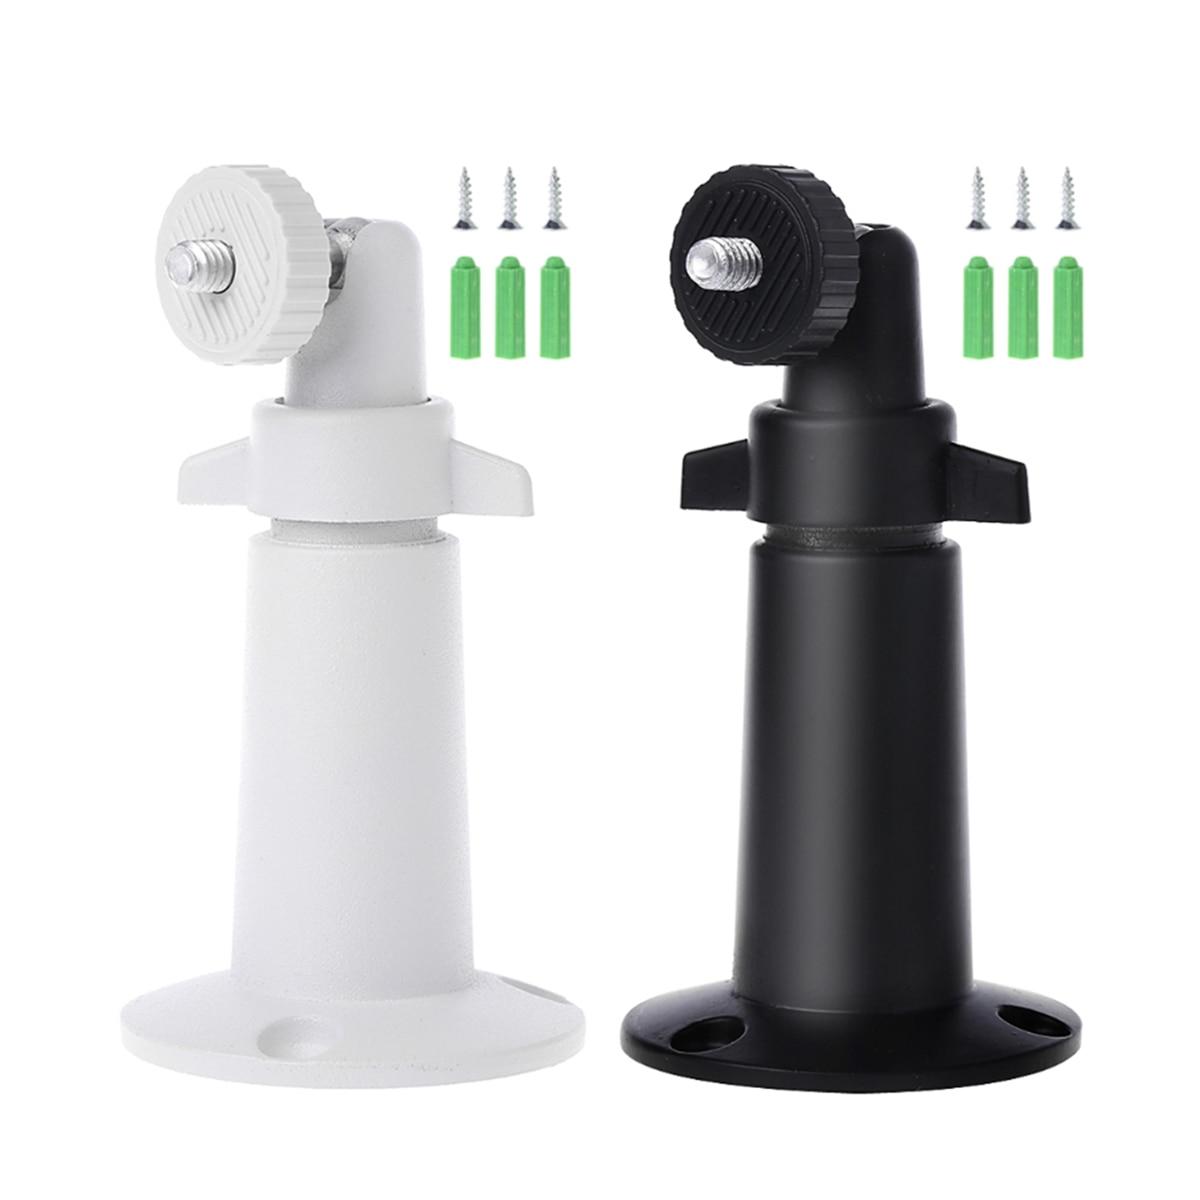 3 piezas de 90 grados de pared de Metal de montaje giratorio soporte de techo de soporte para cámara de seguridad CCTV negro blanco